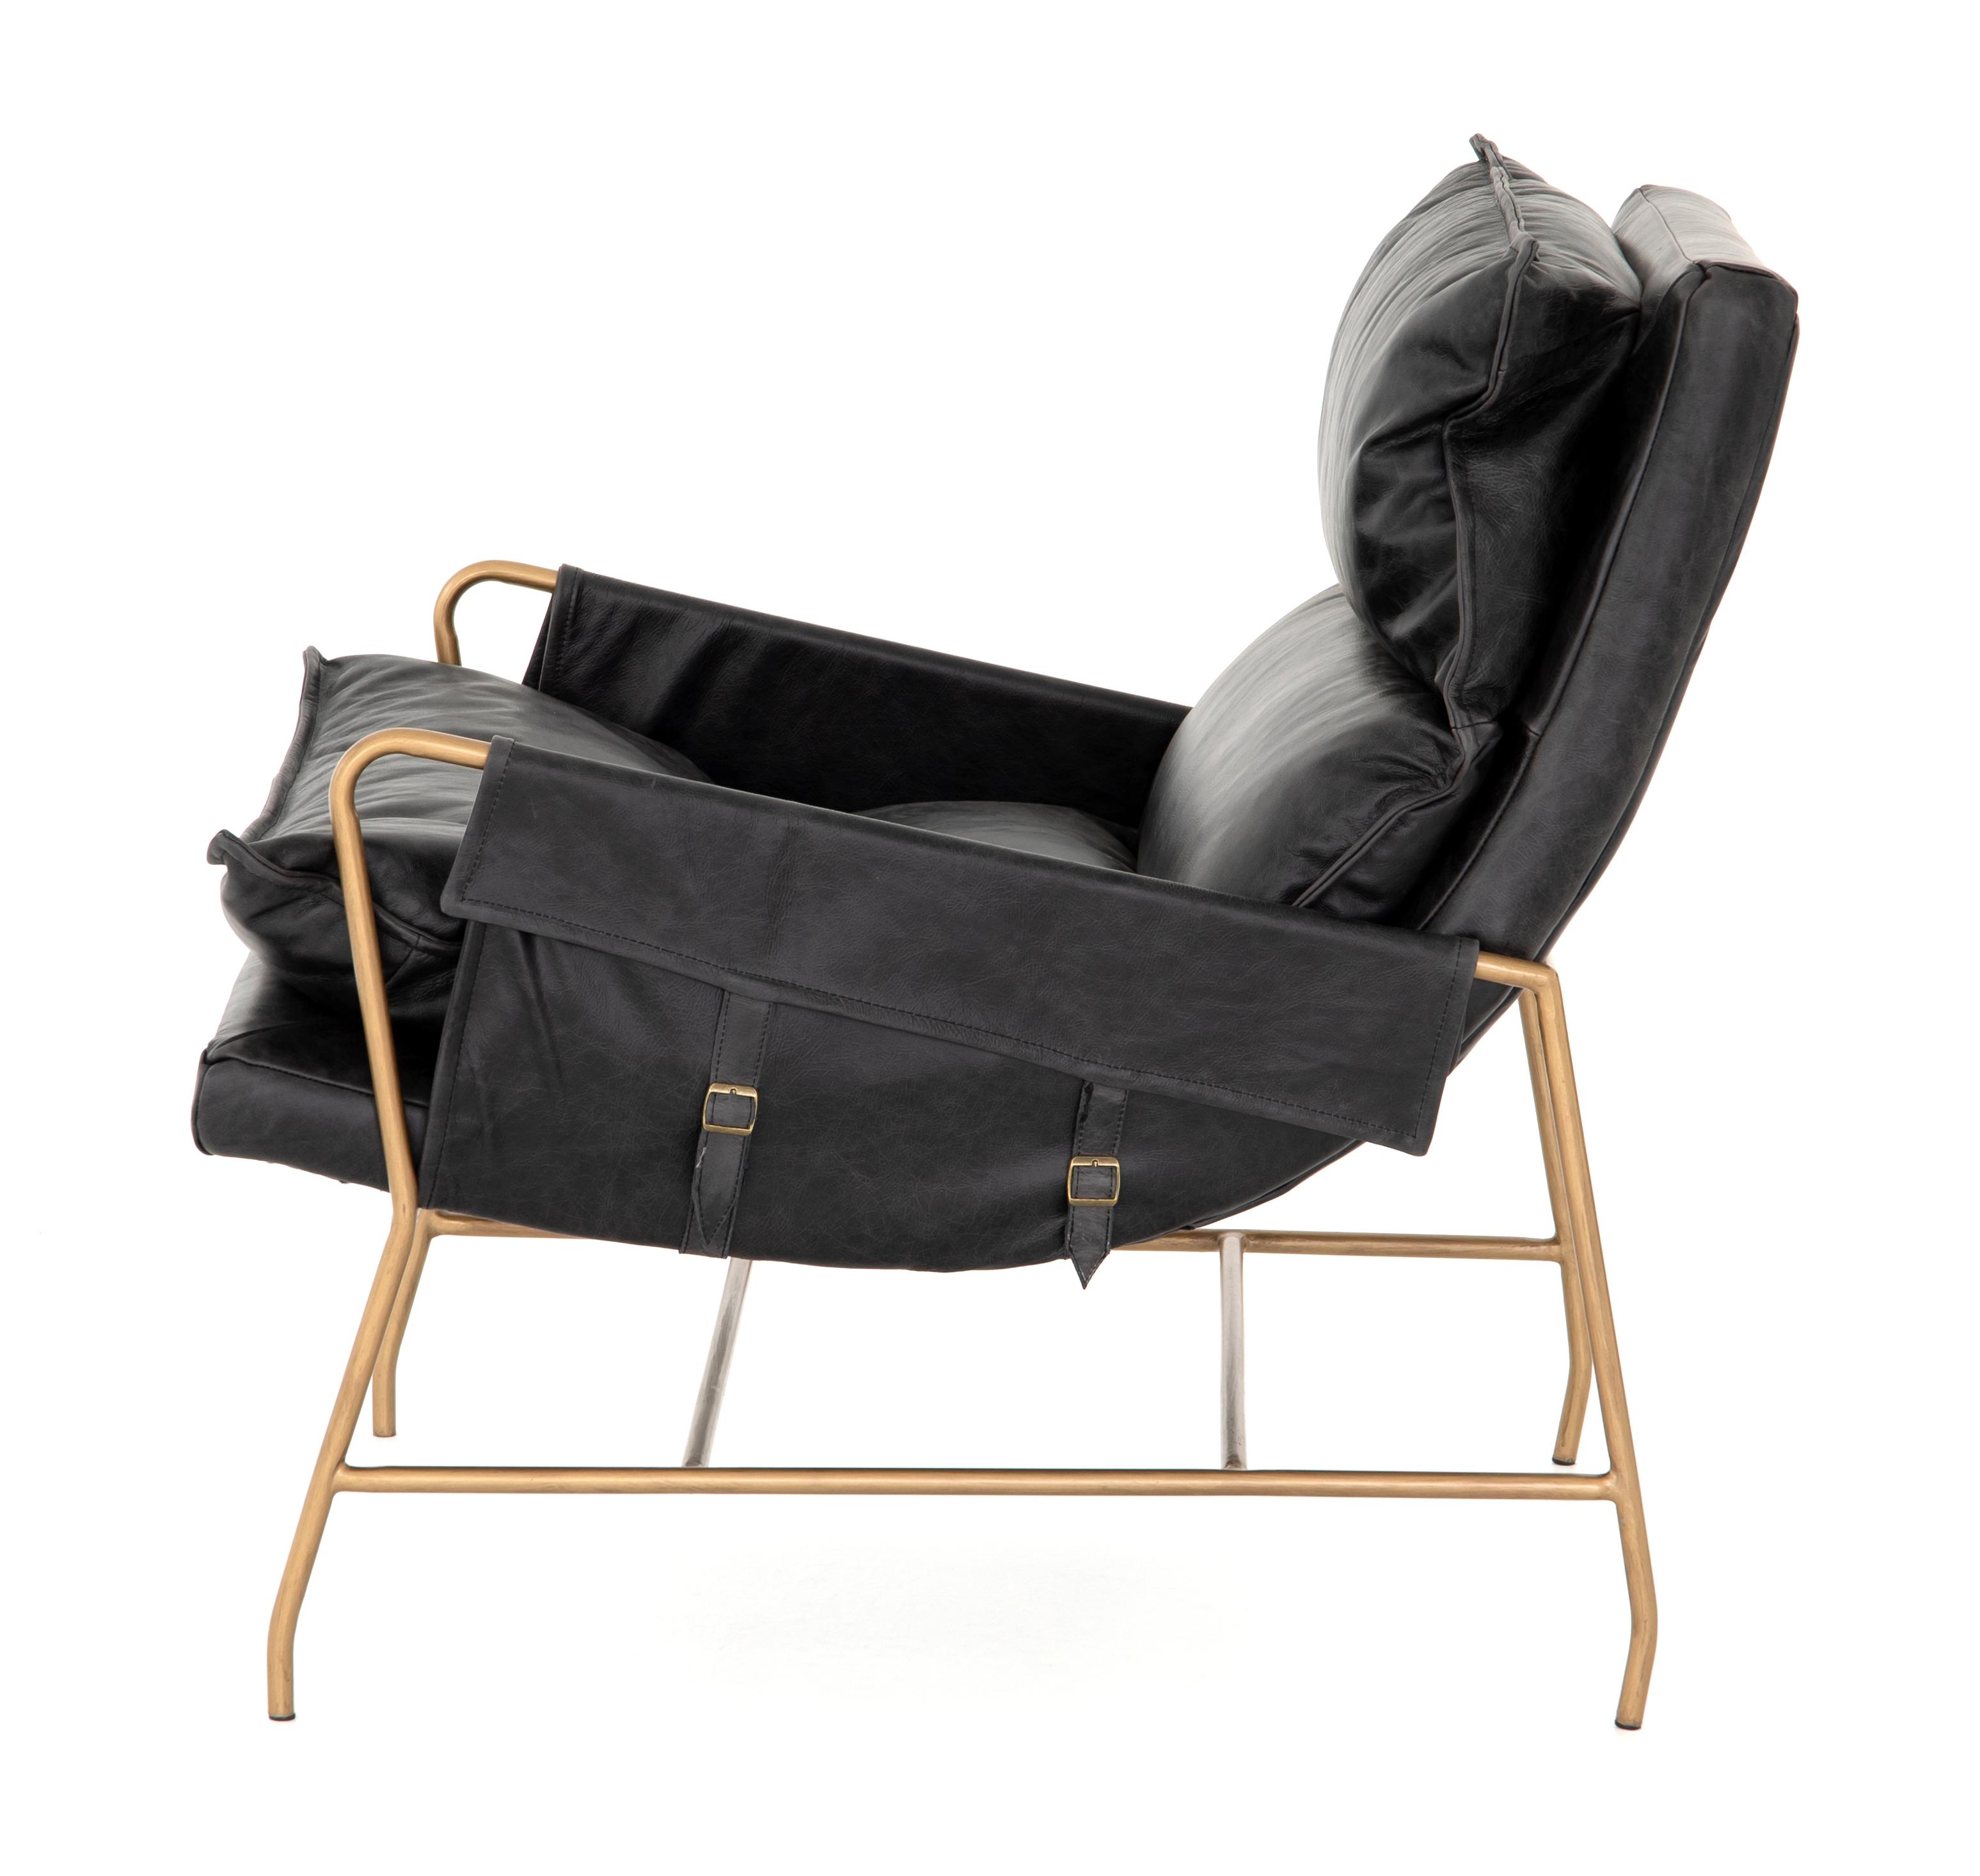 Taryn Chair